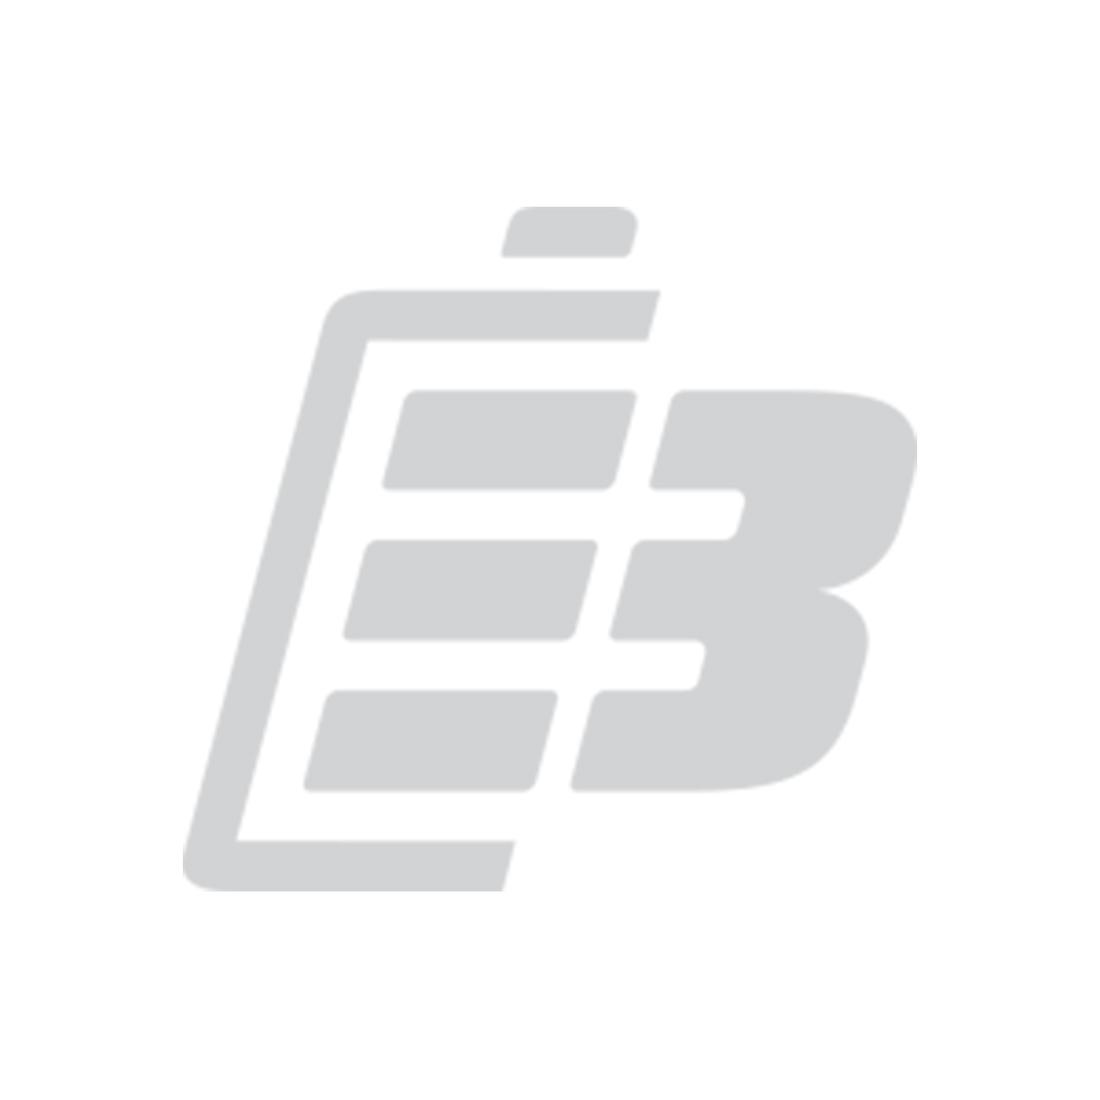 Laptop battery HP Pavilion 15-ab000_1